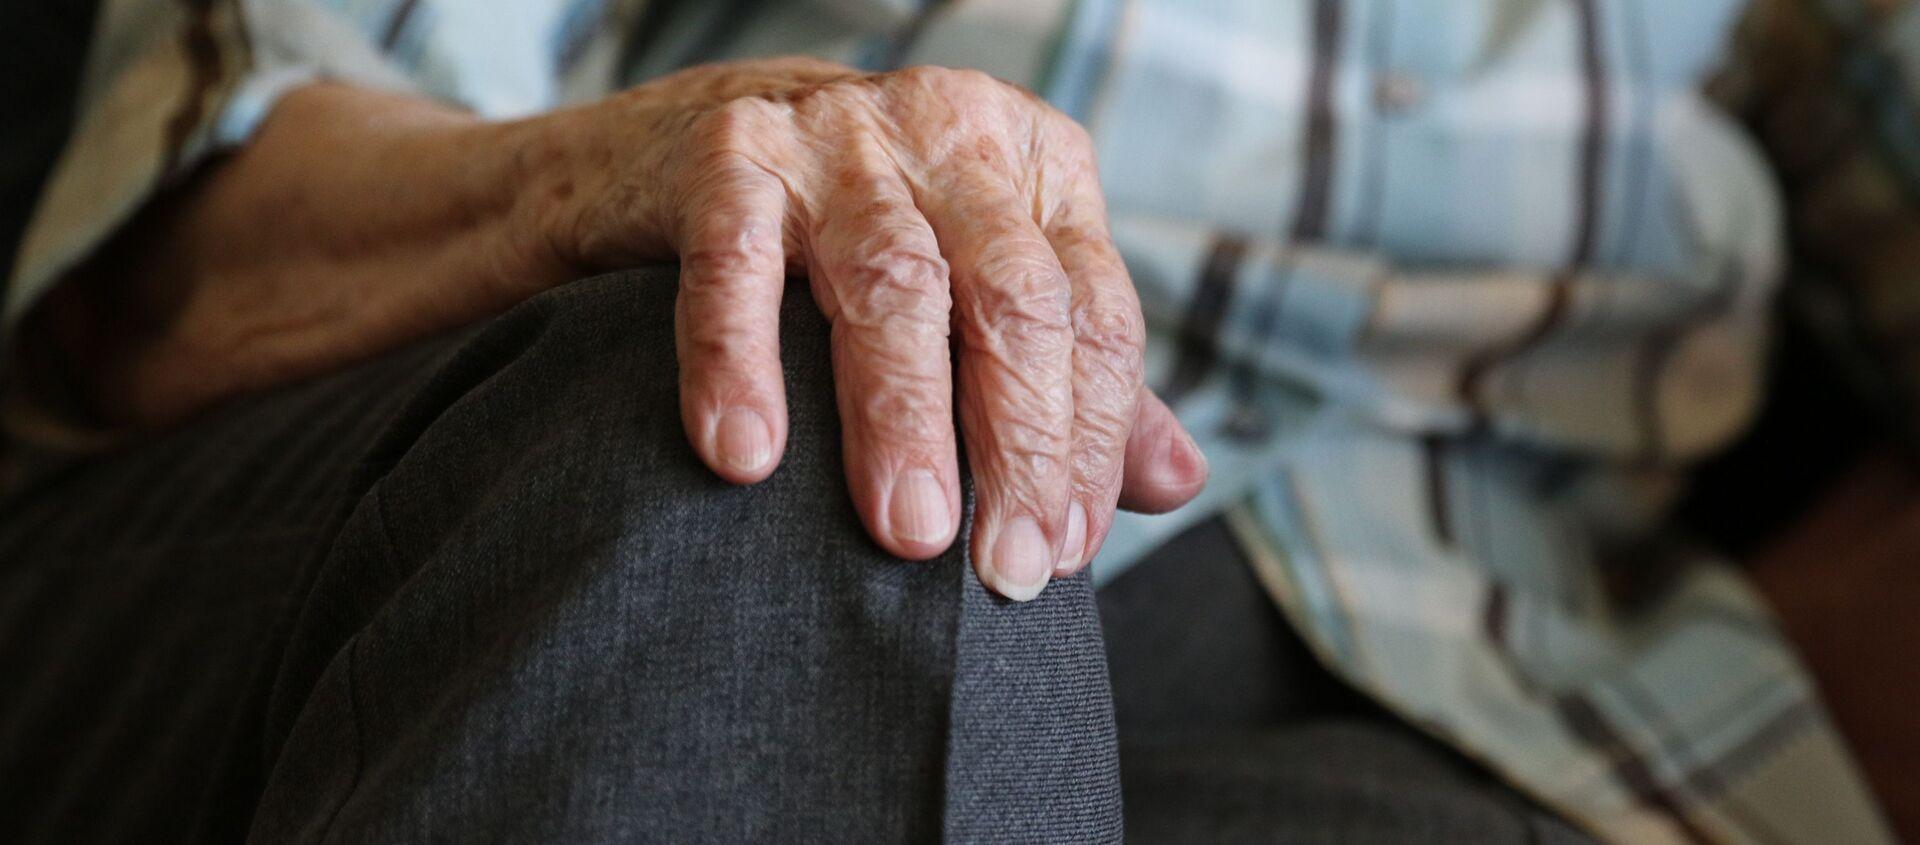 100歳以上生きるコツ 長寿を支える要因が調査で明らかに - Sputnik 日本, 1920, 12.02.2021